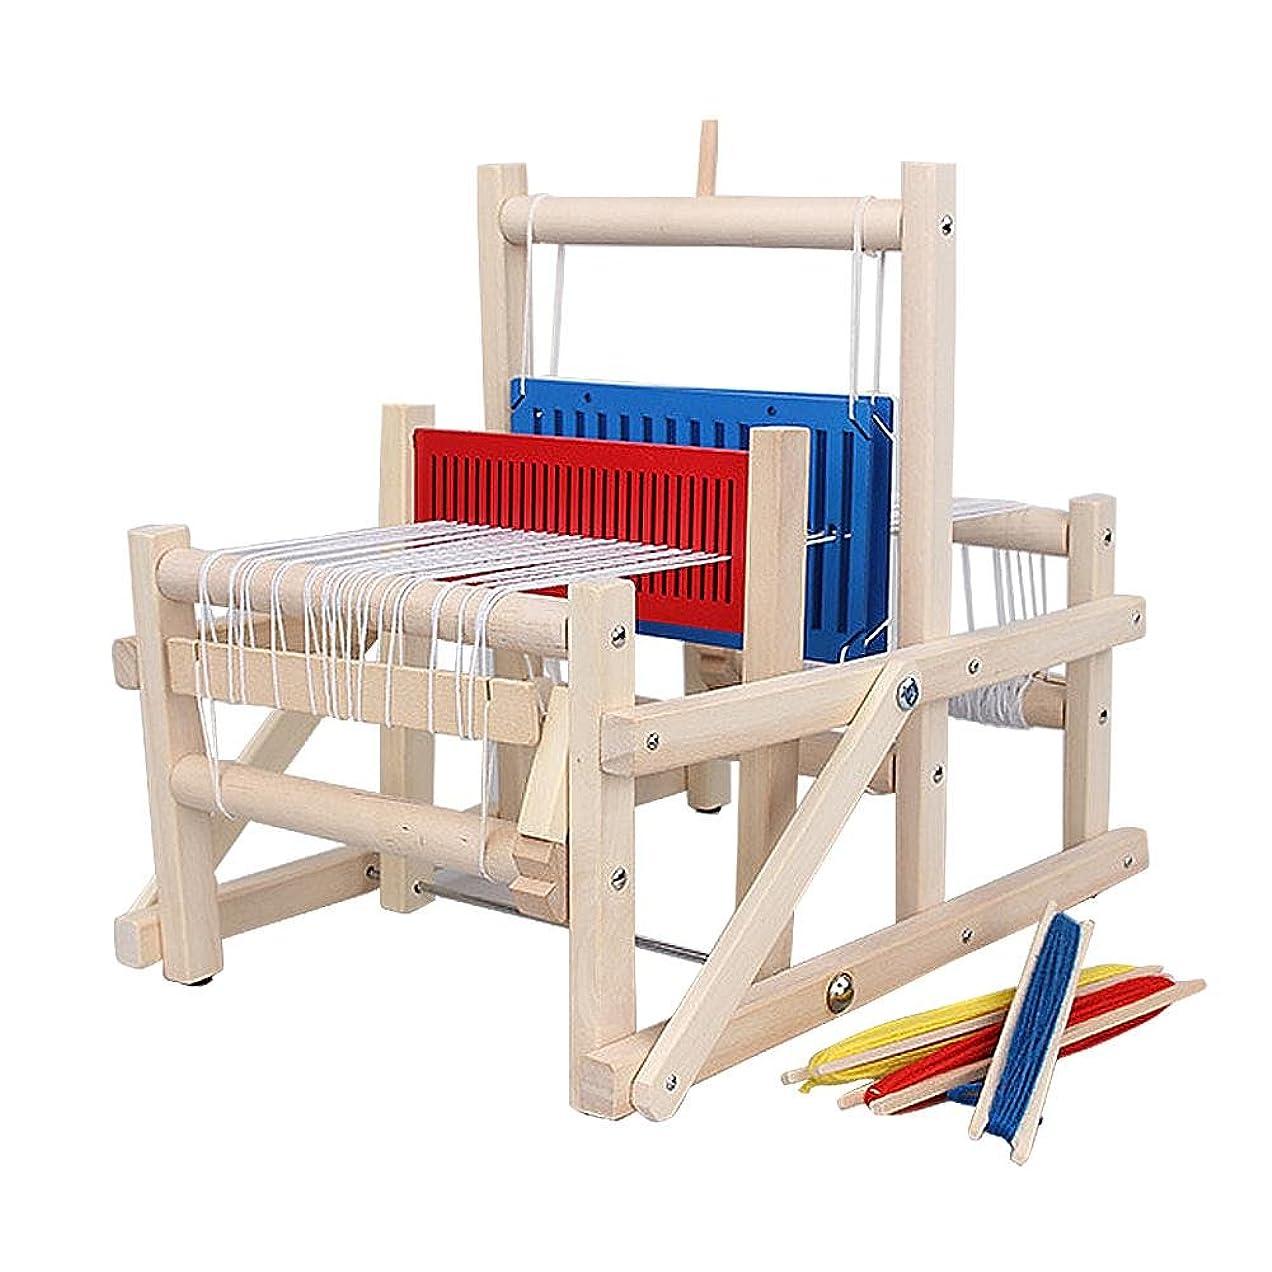 ジャンクション懸念コンピューター手織り機 LUERME 卓上手織機 編み機 DIY 木製 手織り機 子供用 織機 玩具 はたおりき 卓上織り機 糸付き 扱いやすい 簡単